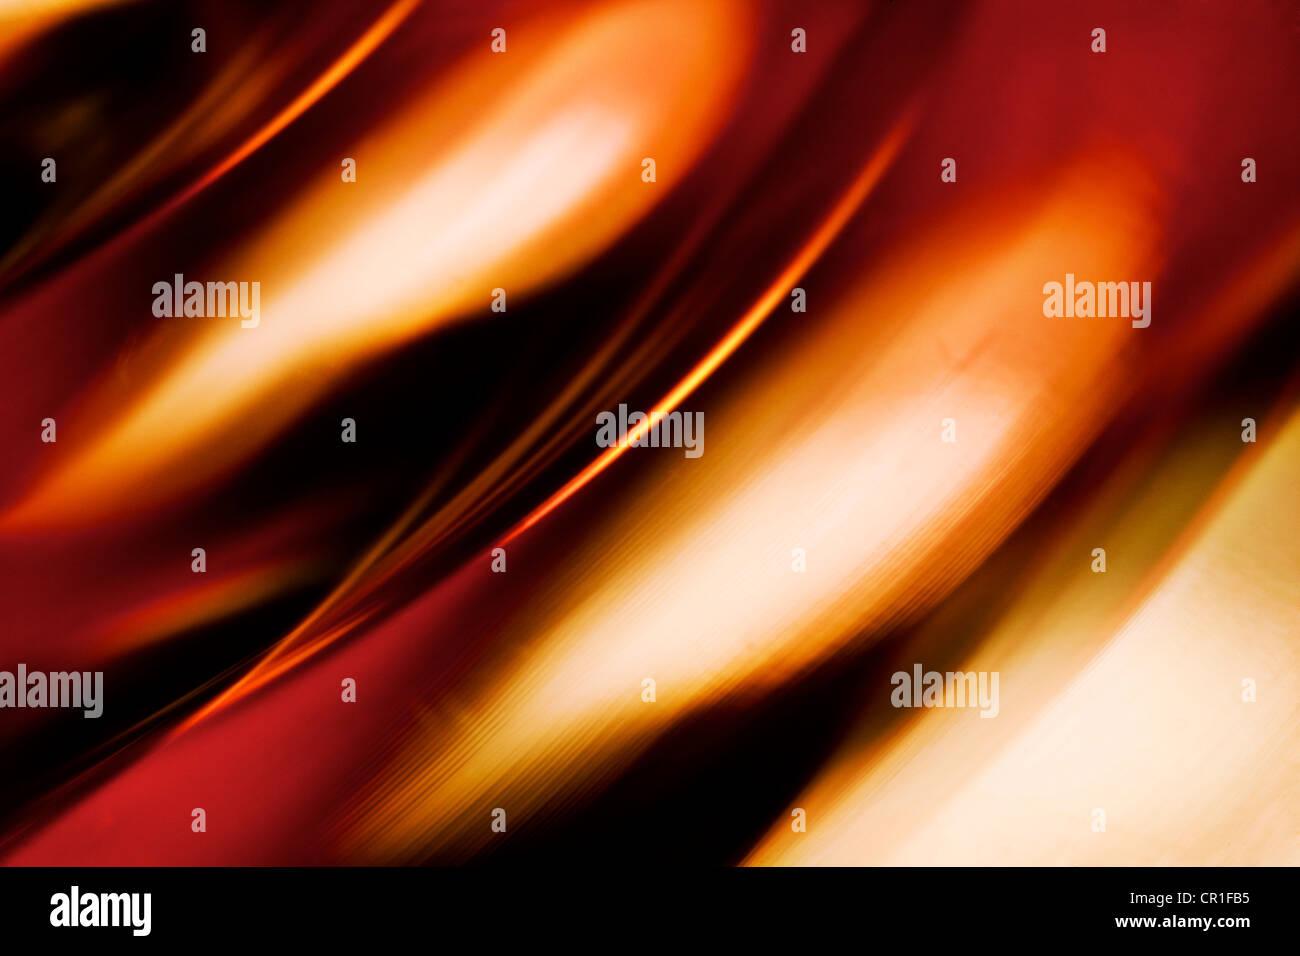 Gros plan du verre coloré. Abstract image prise avec un objectif macro à fort grossissement. Photo Stock